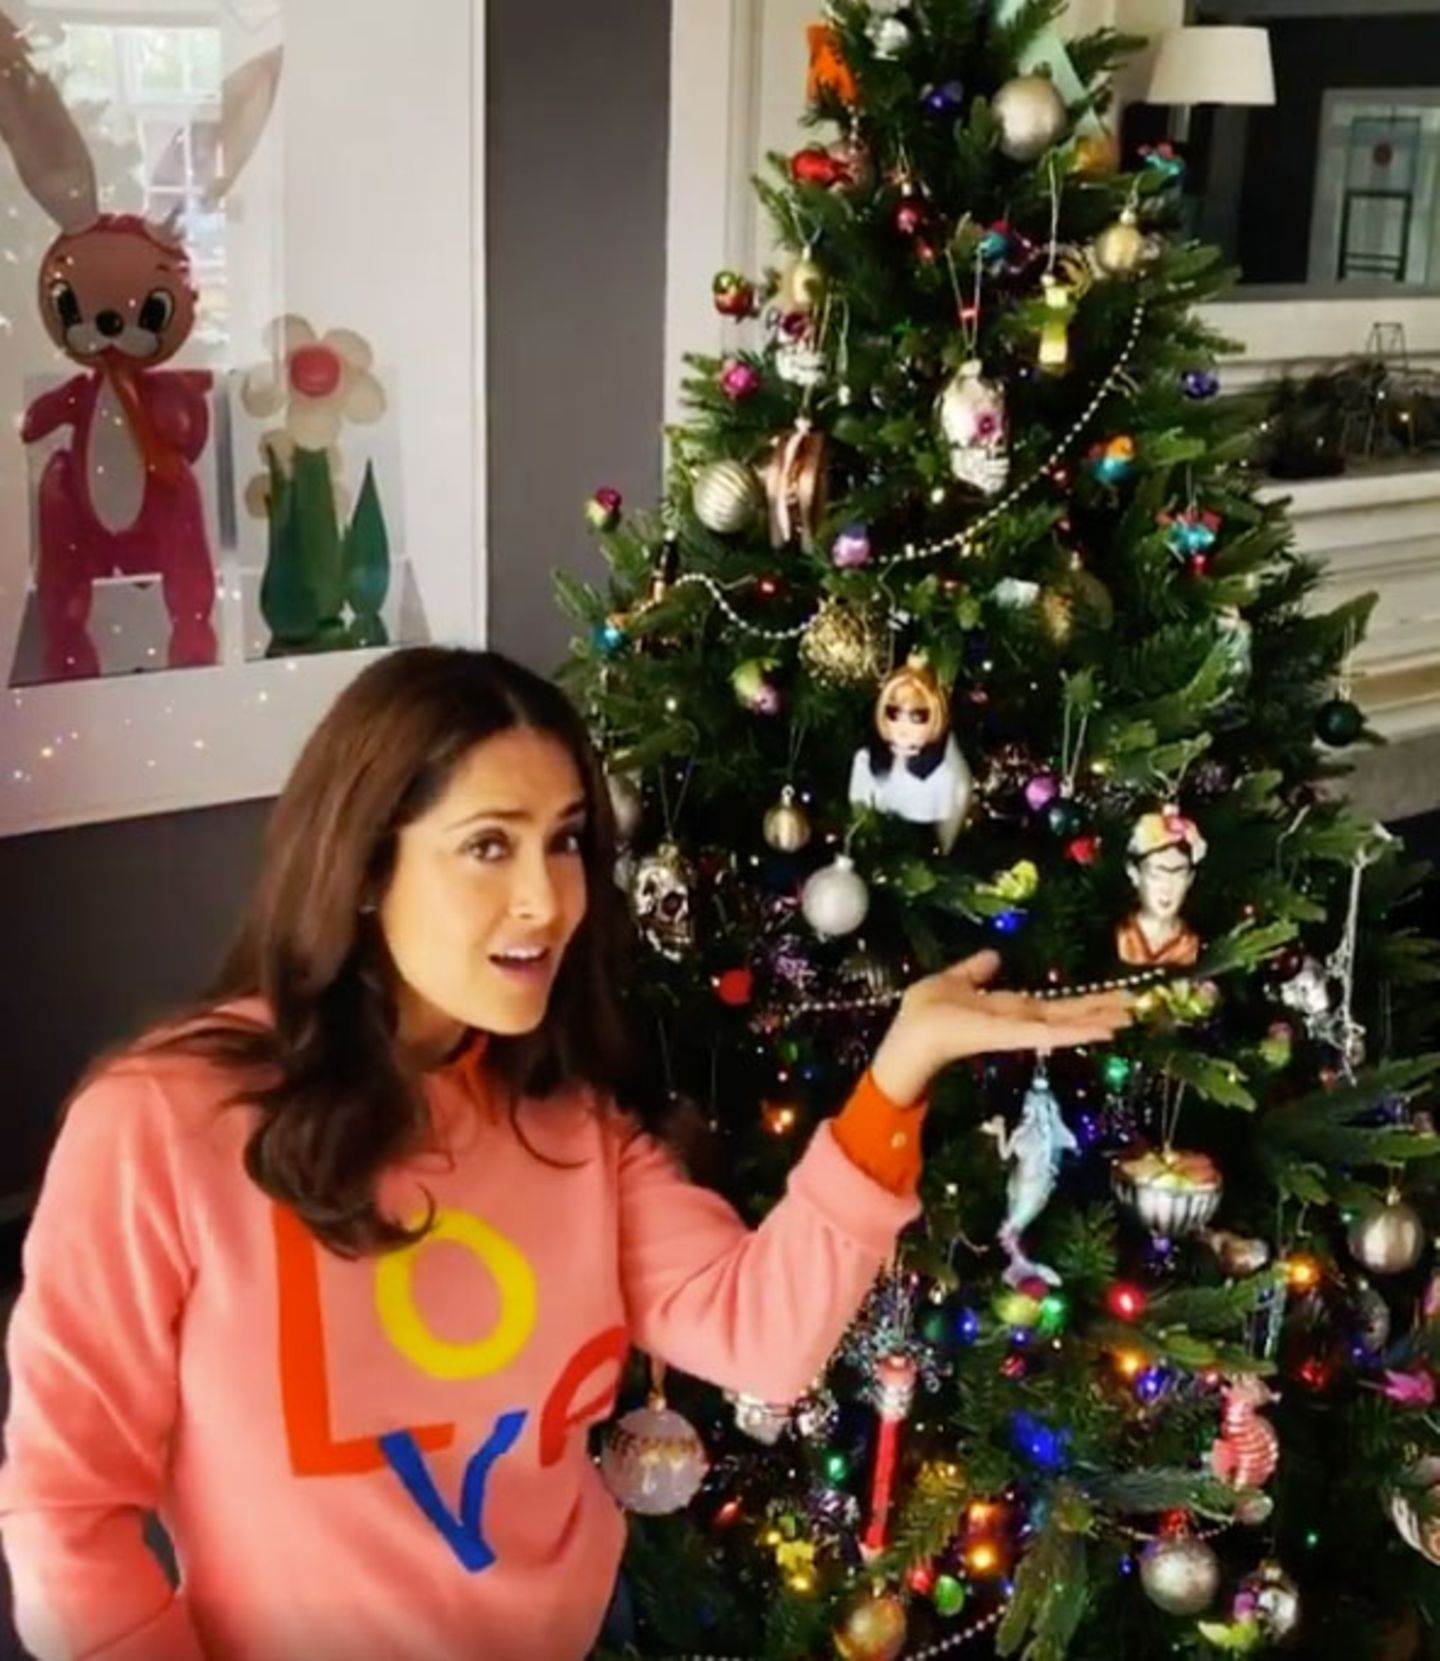 """Im Pullover mit klarer """"Liebes""""-Botschaft präsentiert uns Schauspielerin Salma Hayek ihren bunt dekorierten Weihnachtsbaum. We like!"""